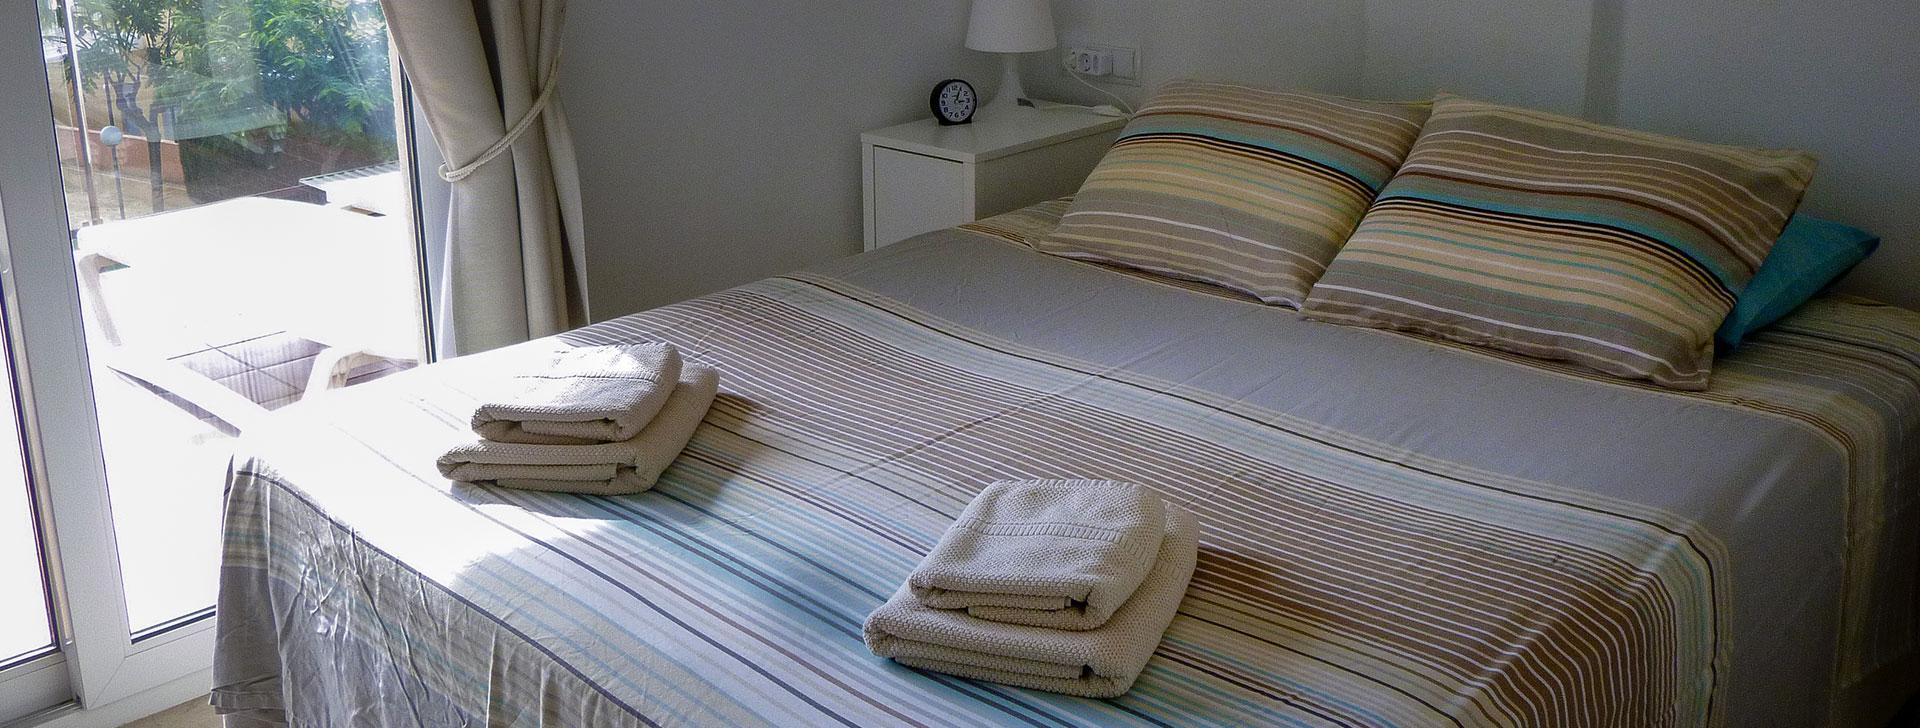 slider-slaapkamer